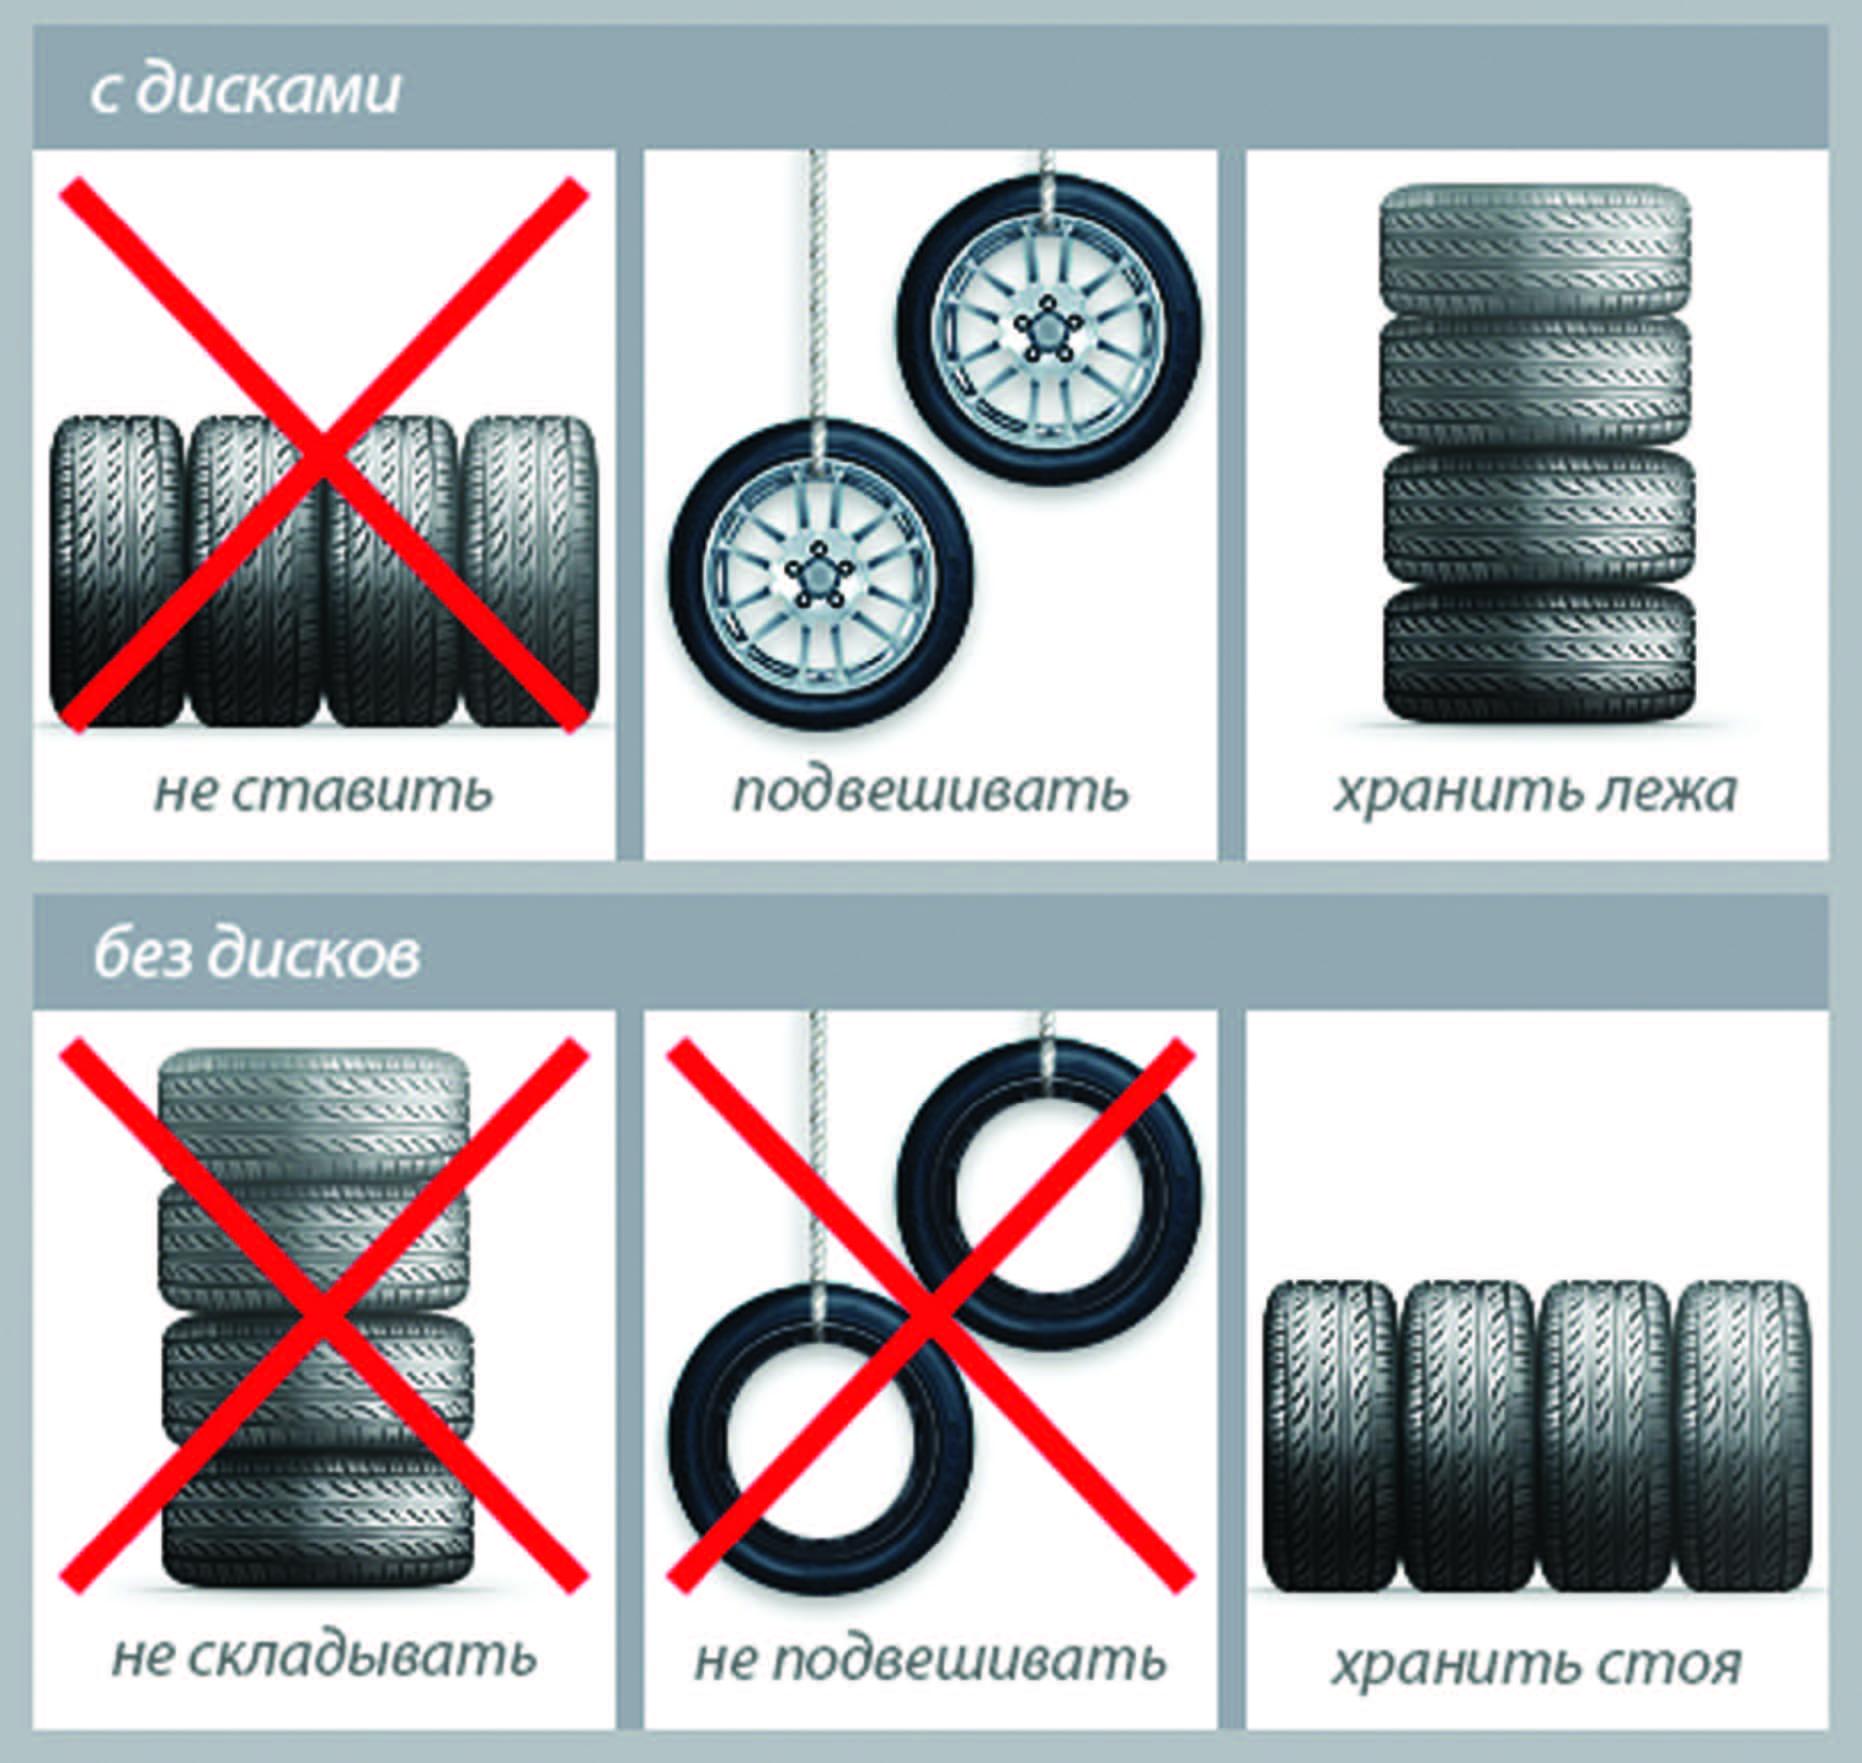 Таблица хранения колес